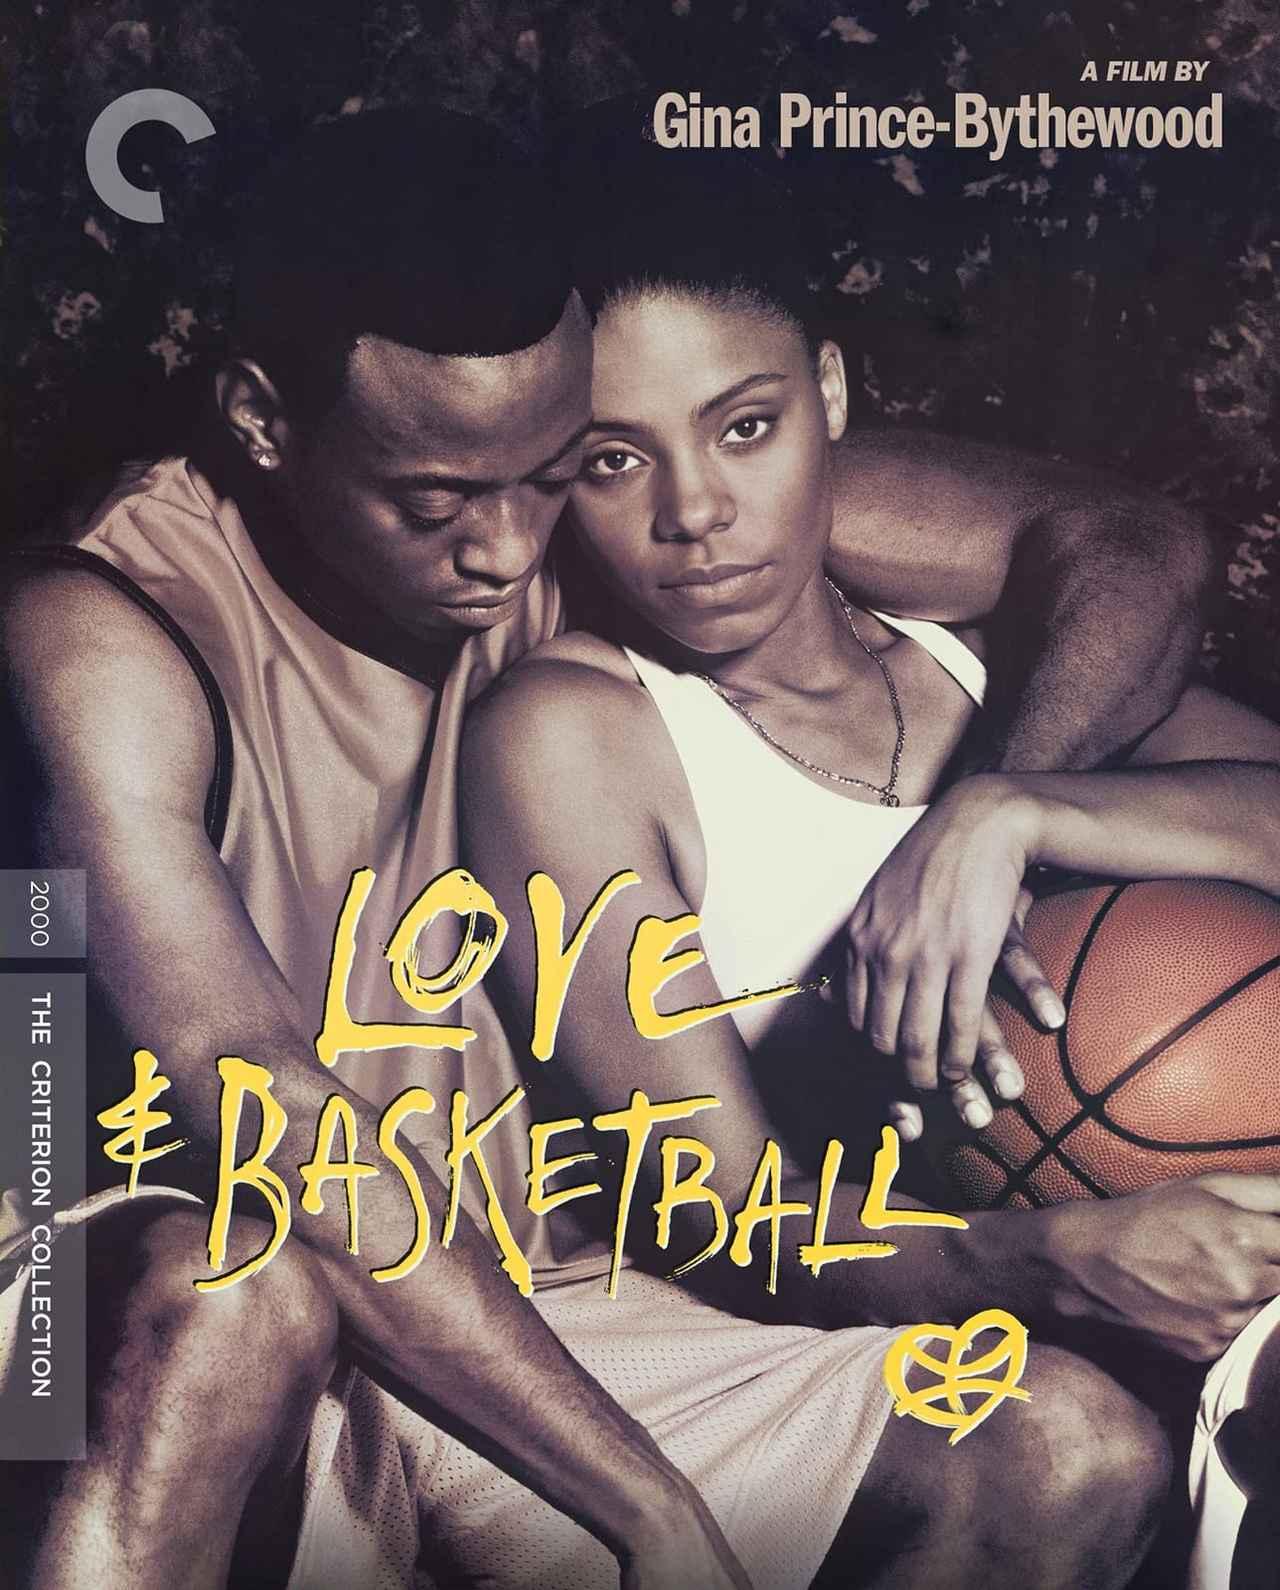 画像: ワン・オン・ワン ファイナル・ゲーム/LOVE & BASKETBALL 9月21日リリース 2000年/監督ジーナ・プリンス=バイスウッド/出演オマー・エップス、サナ・レイサン バスケットボールに情熱を捧げてきた幼馴染みのクインシーとモニカ。ふたりの友情と恋愛、成功と挫折を描いた青春スポーツ・ドラマ。製作にスパイク・リーが名を連ねた全米スマッシュヒット作。 ****************************************************************************************************************************** NEW 4K RESTORATION, supervised by director Gina Prince-Bythewood, with 5.1 surround DTS-HD Master Audio soundtrack